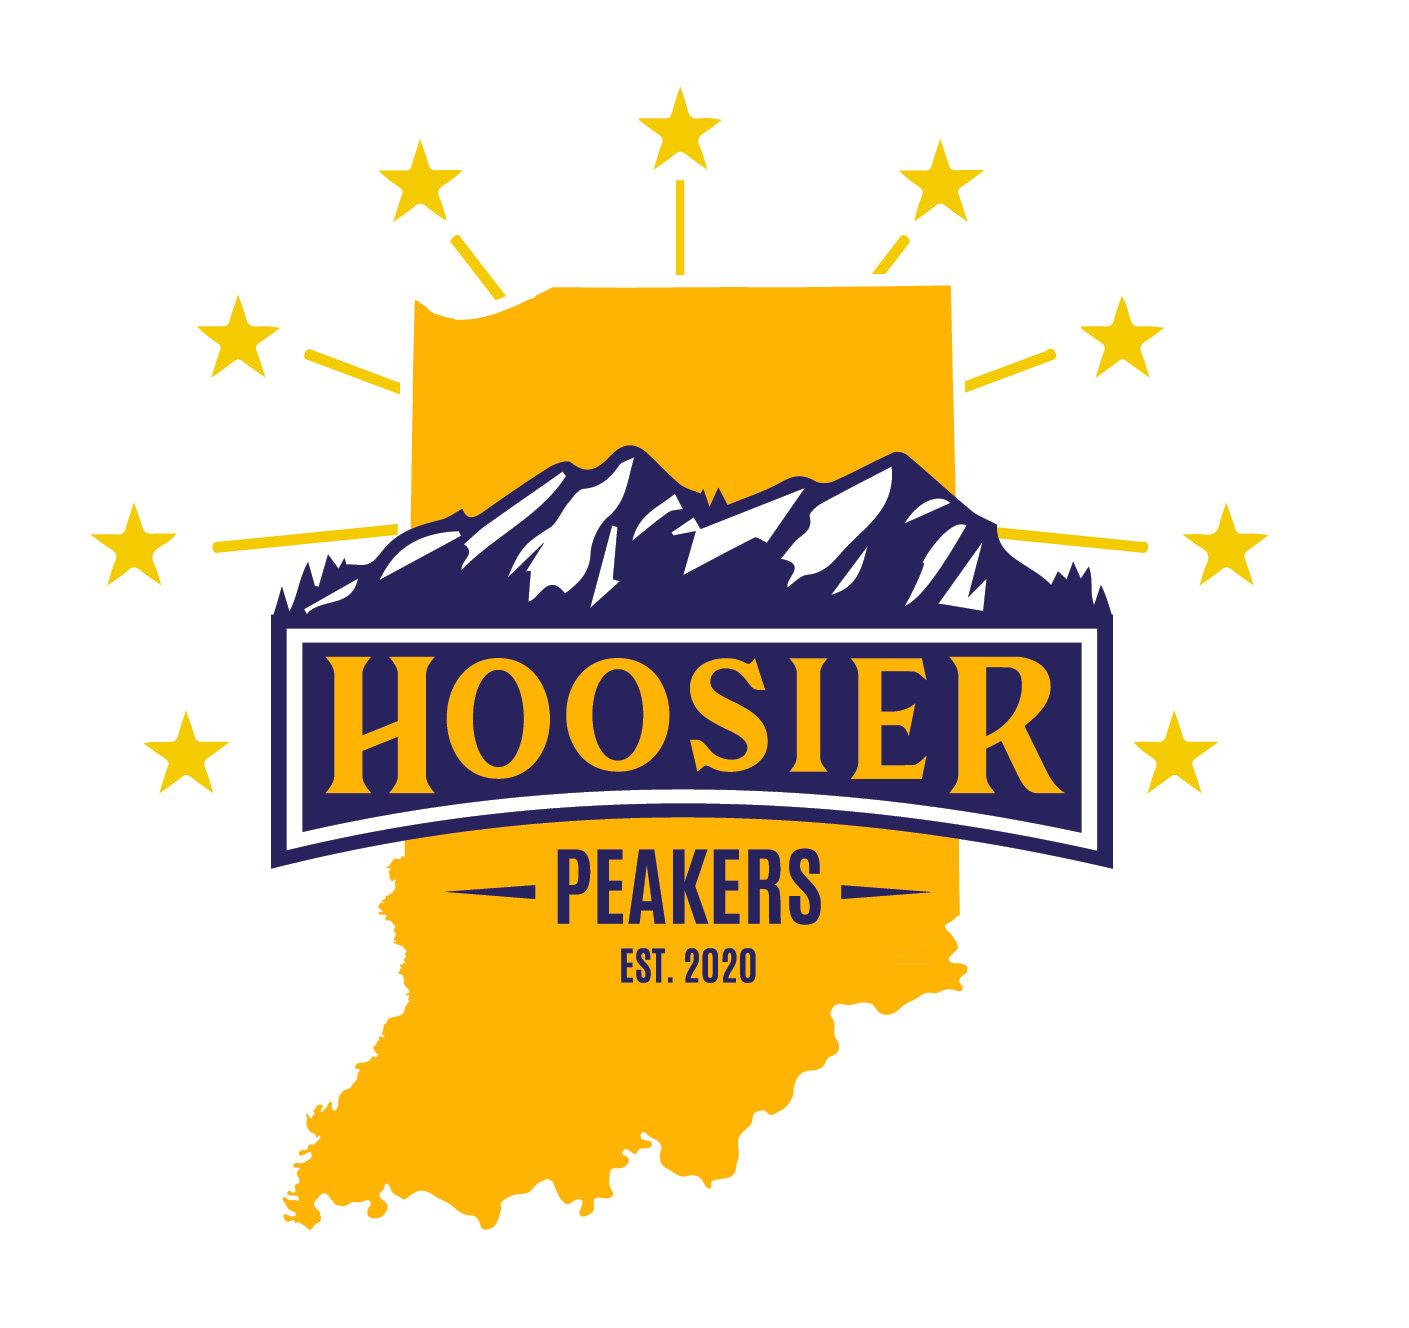 Hoosier Peakers - YOGA @ the Lake